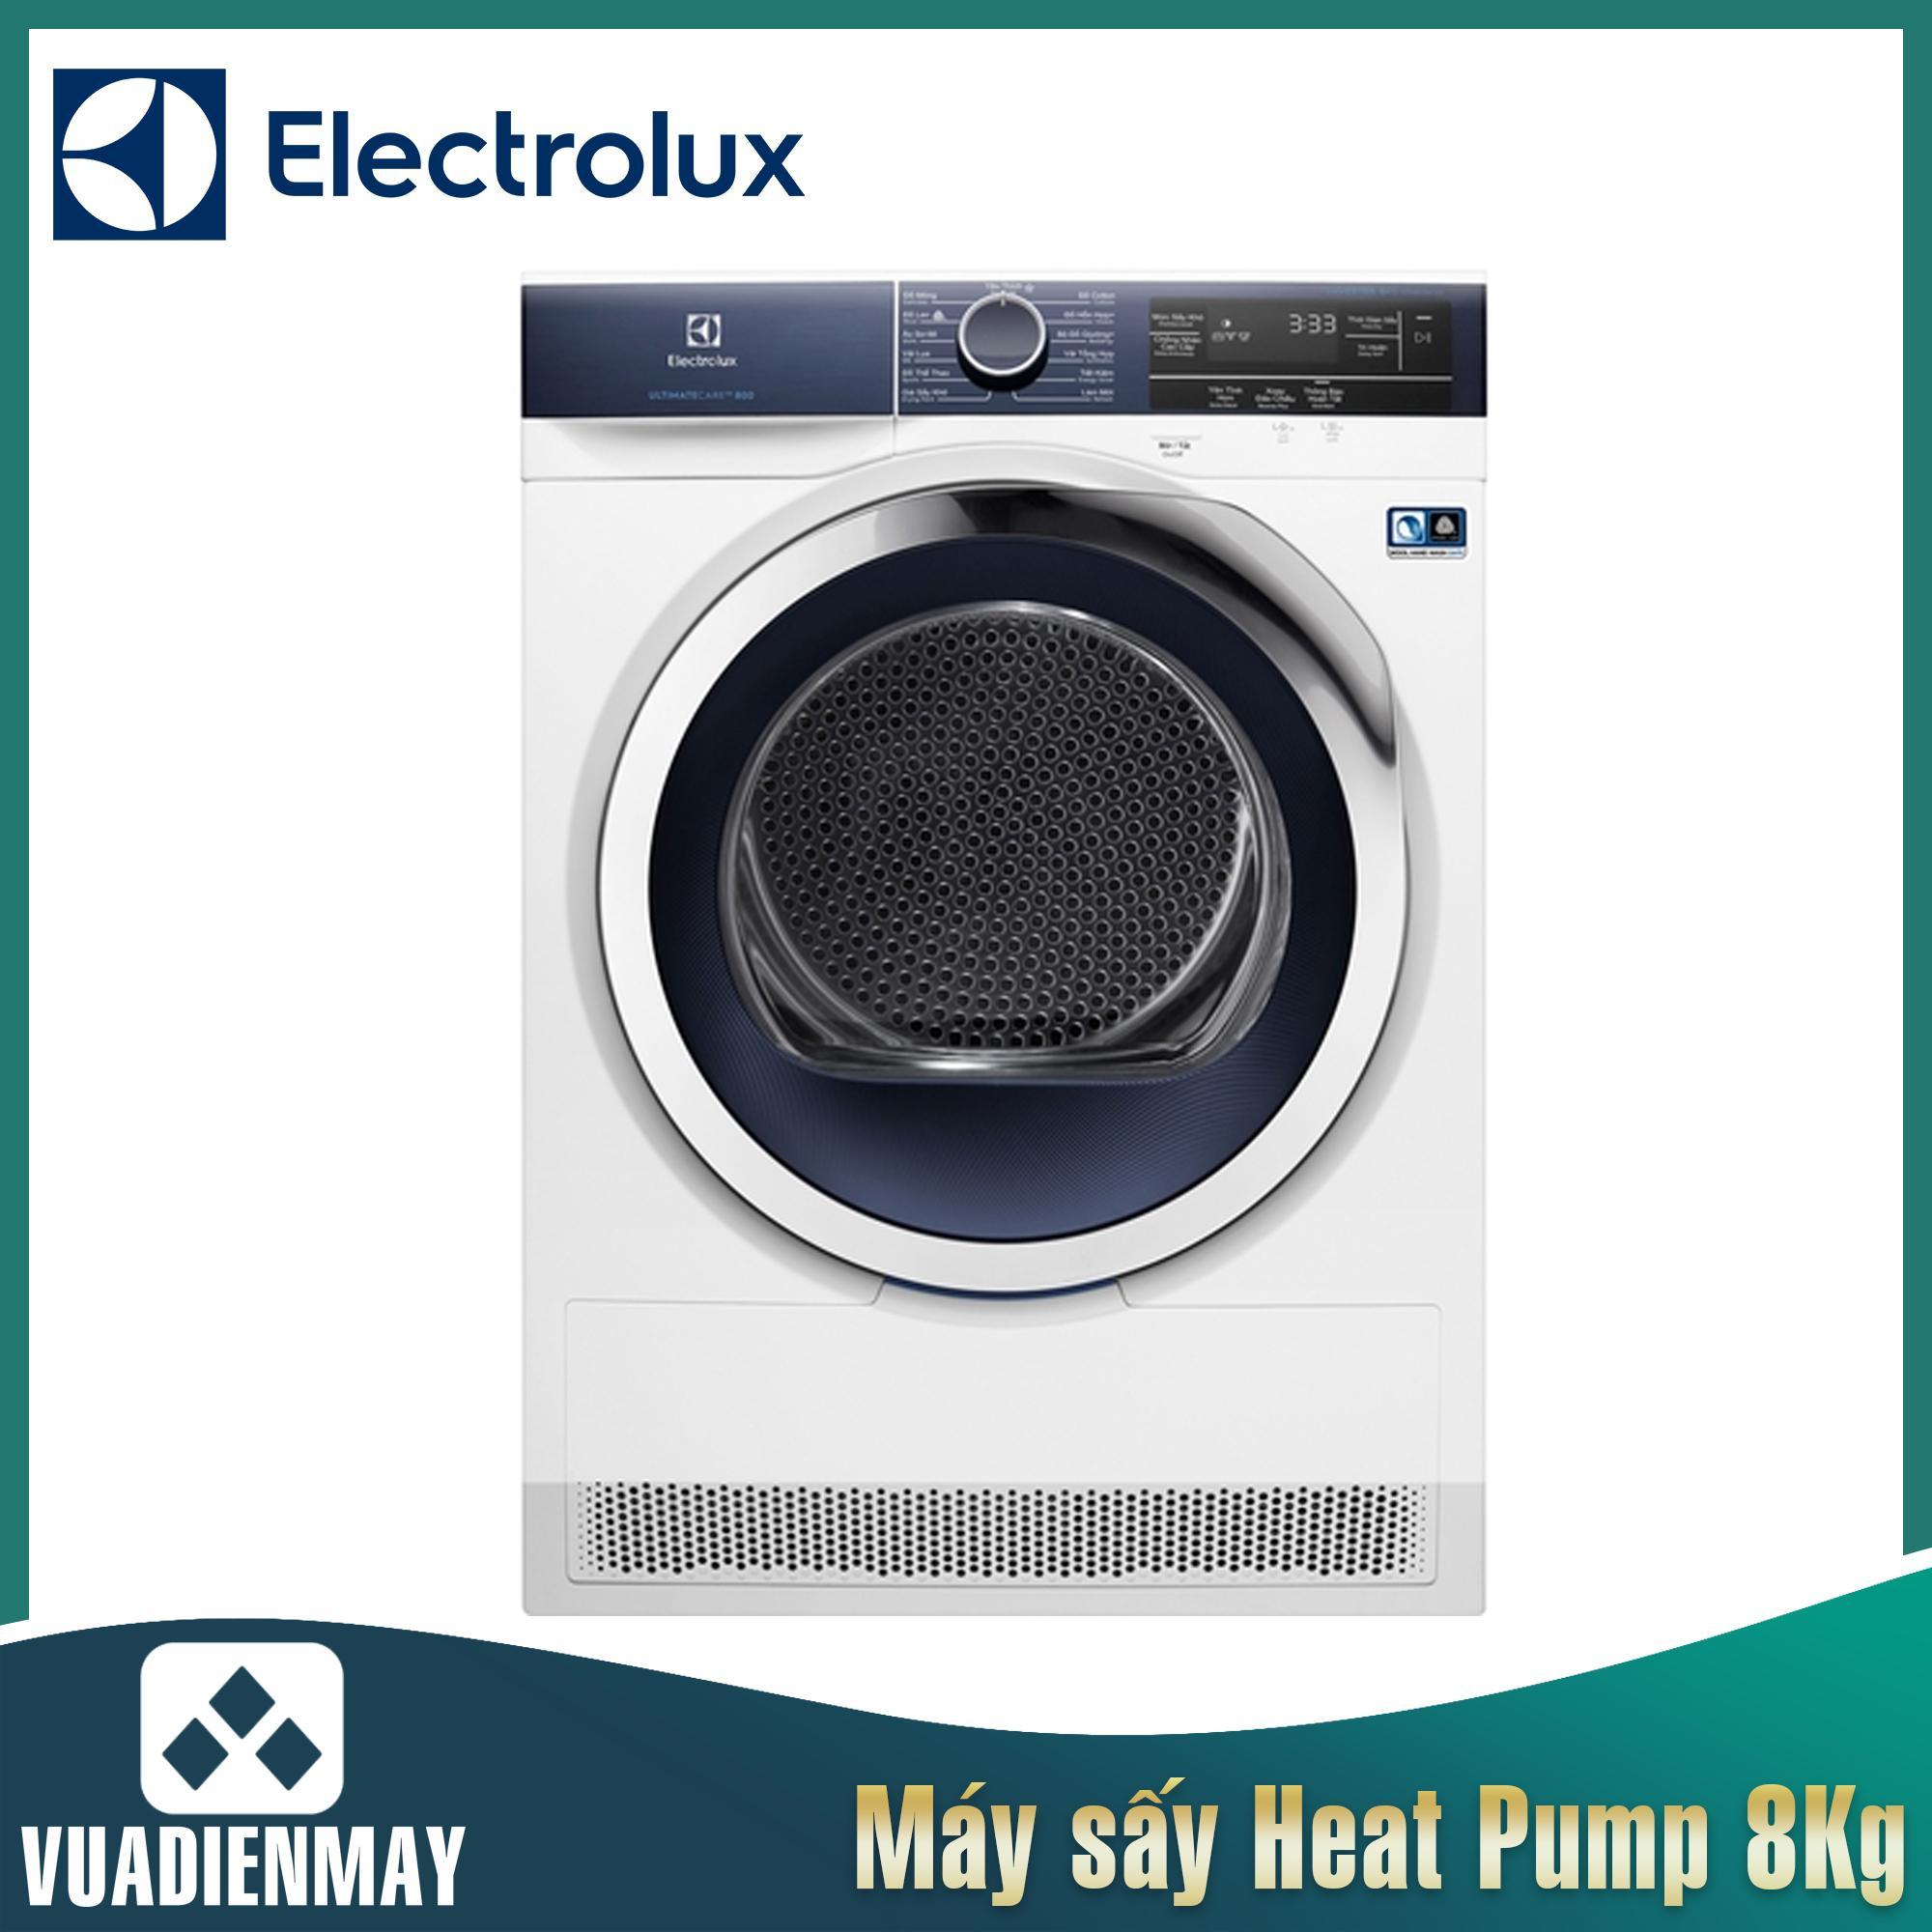 Máy Sấy Electrolux Heat Pump 8kg